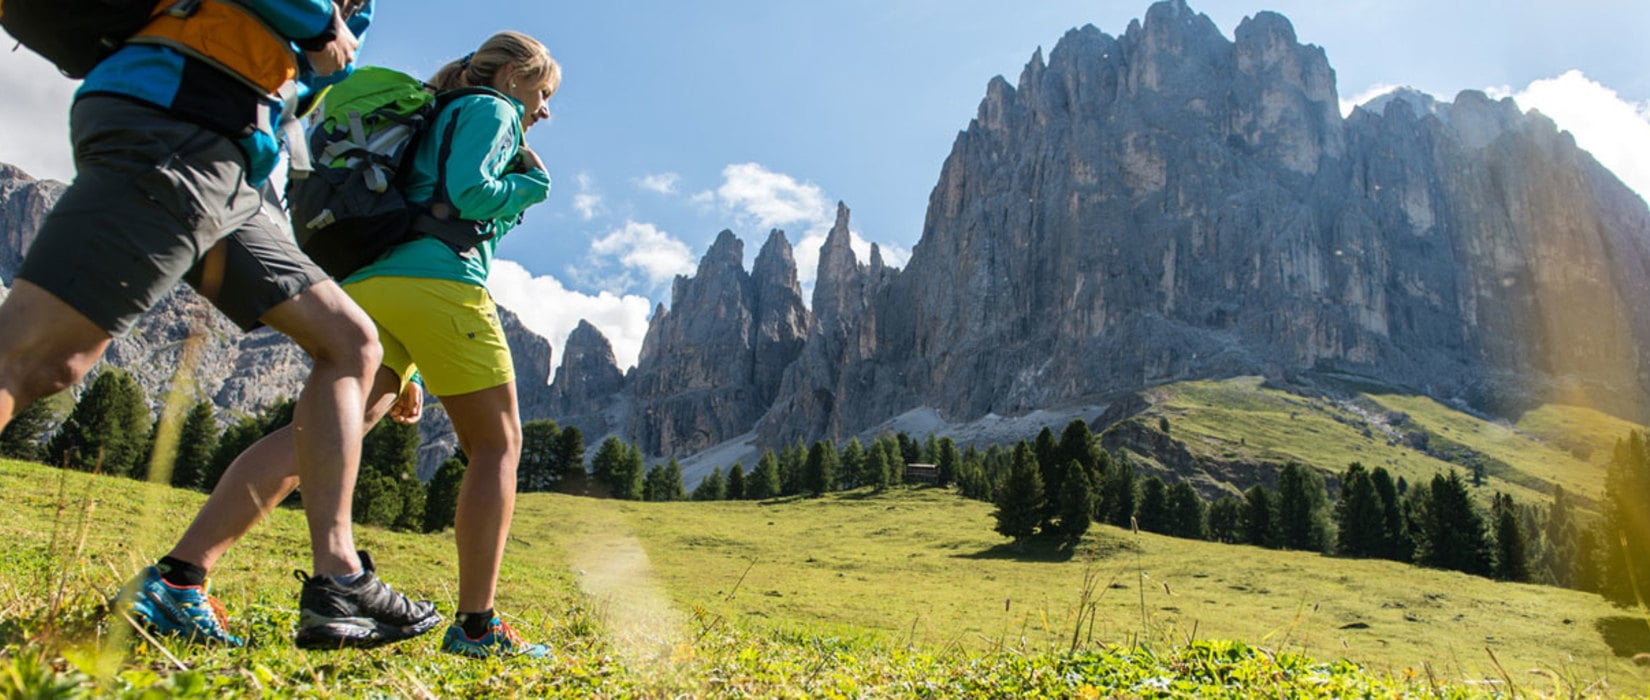 Zeit für Sommerfrische in Südtirol